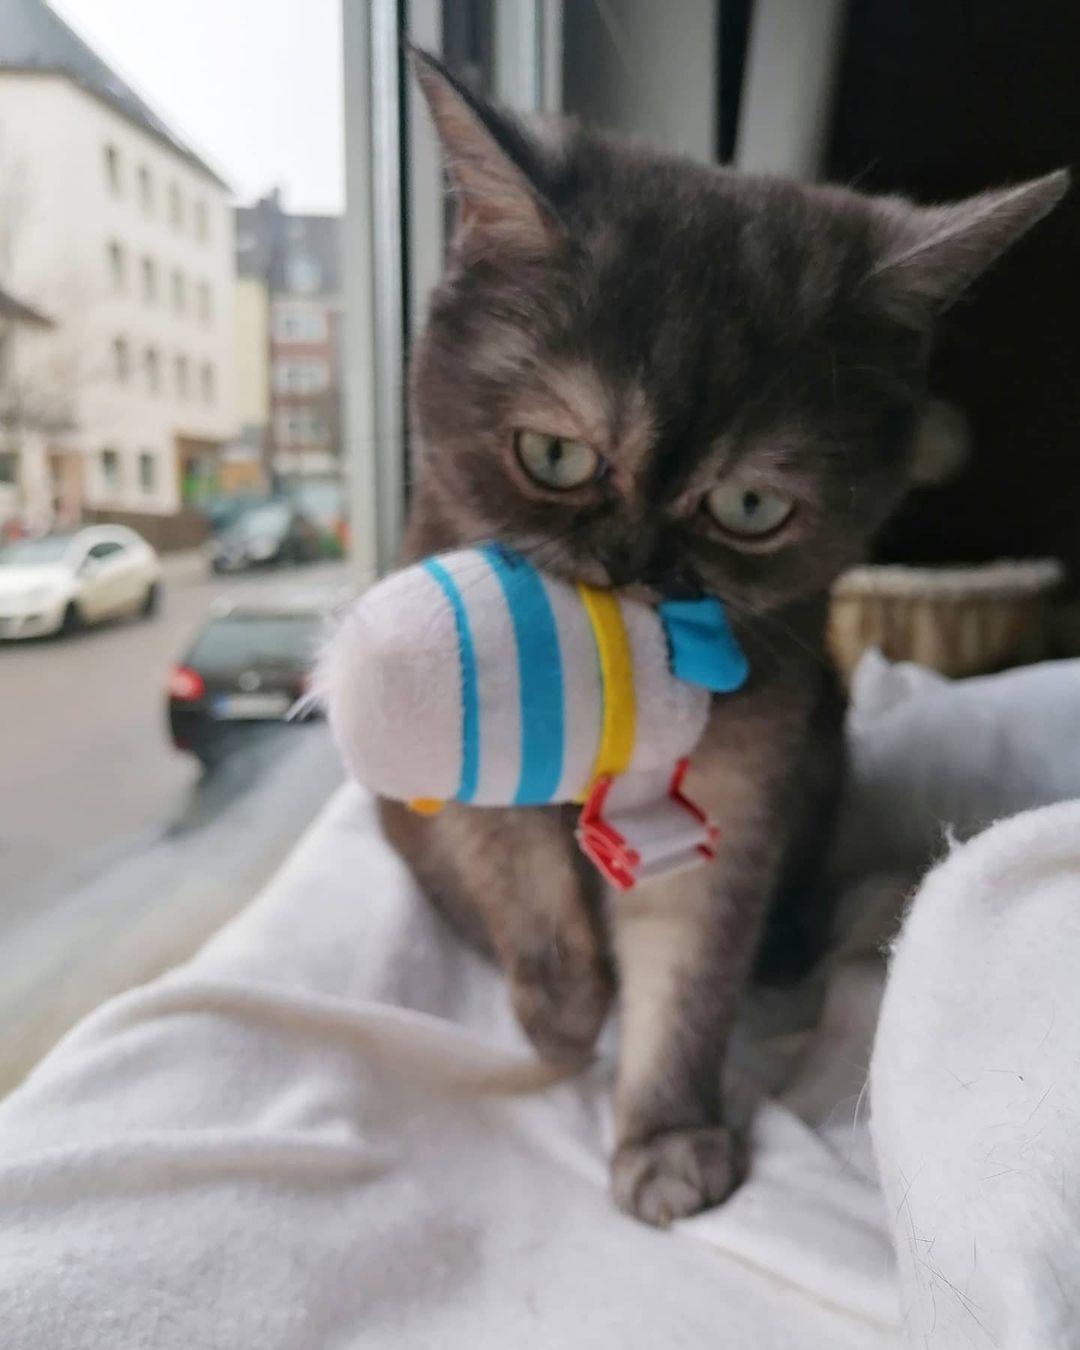 gato mordiendo juguete